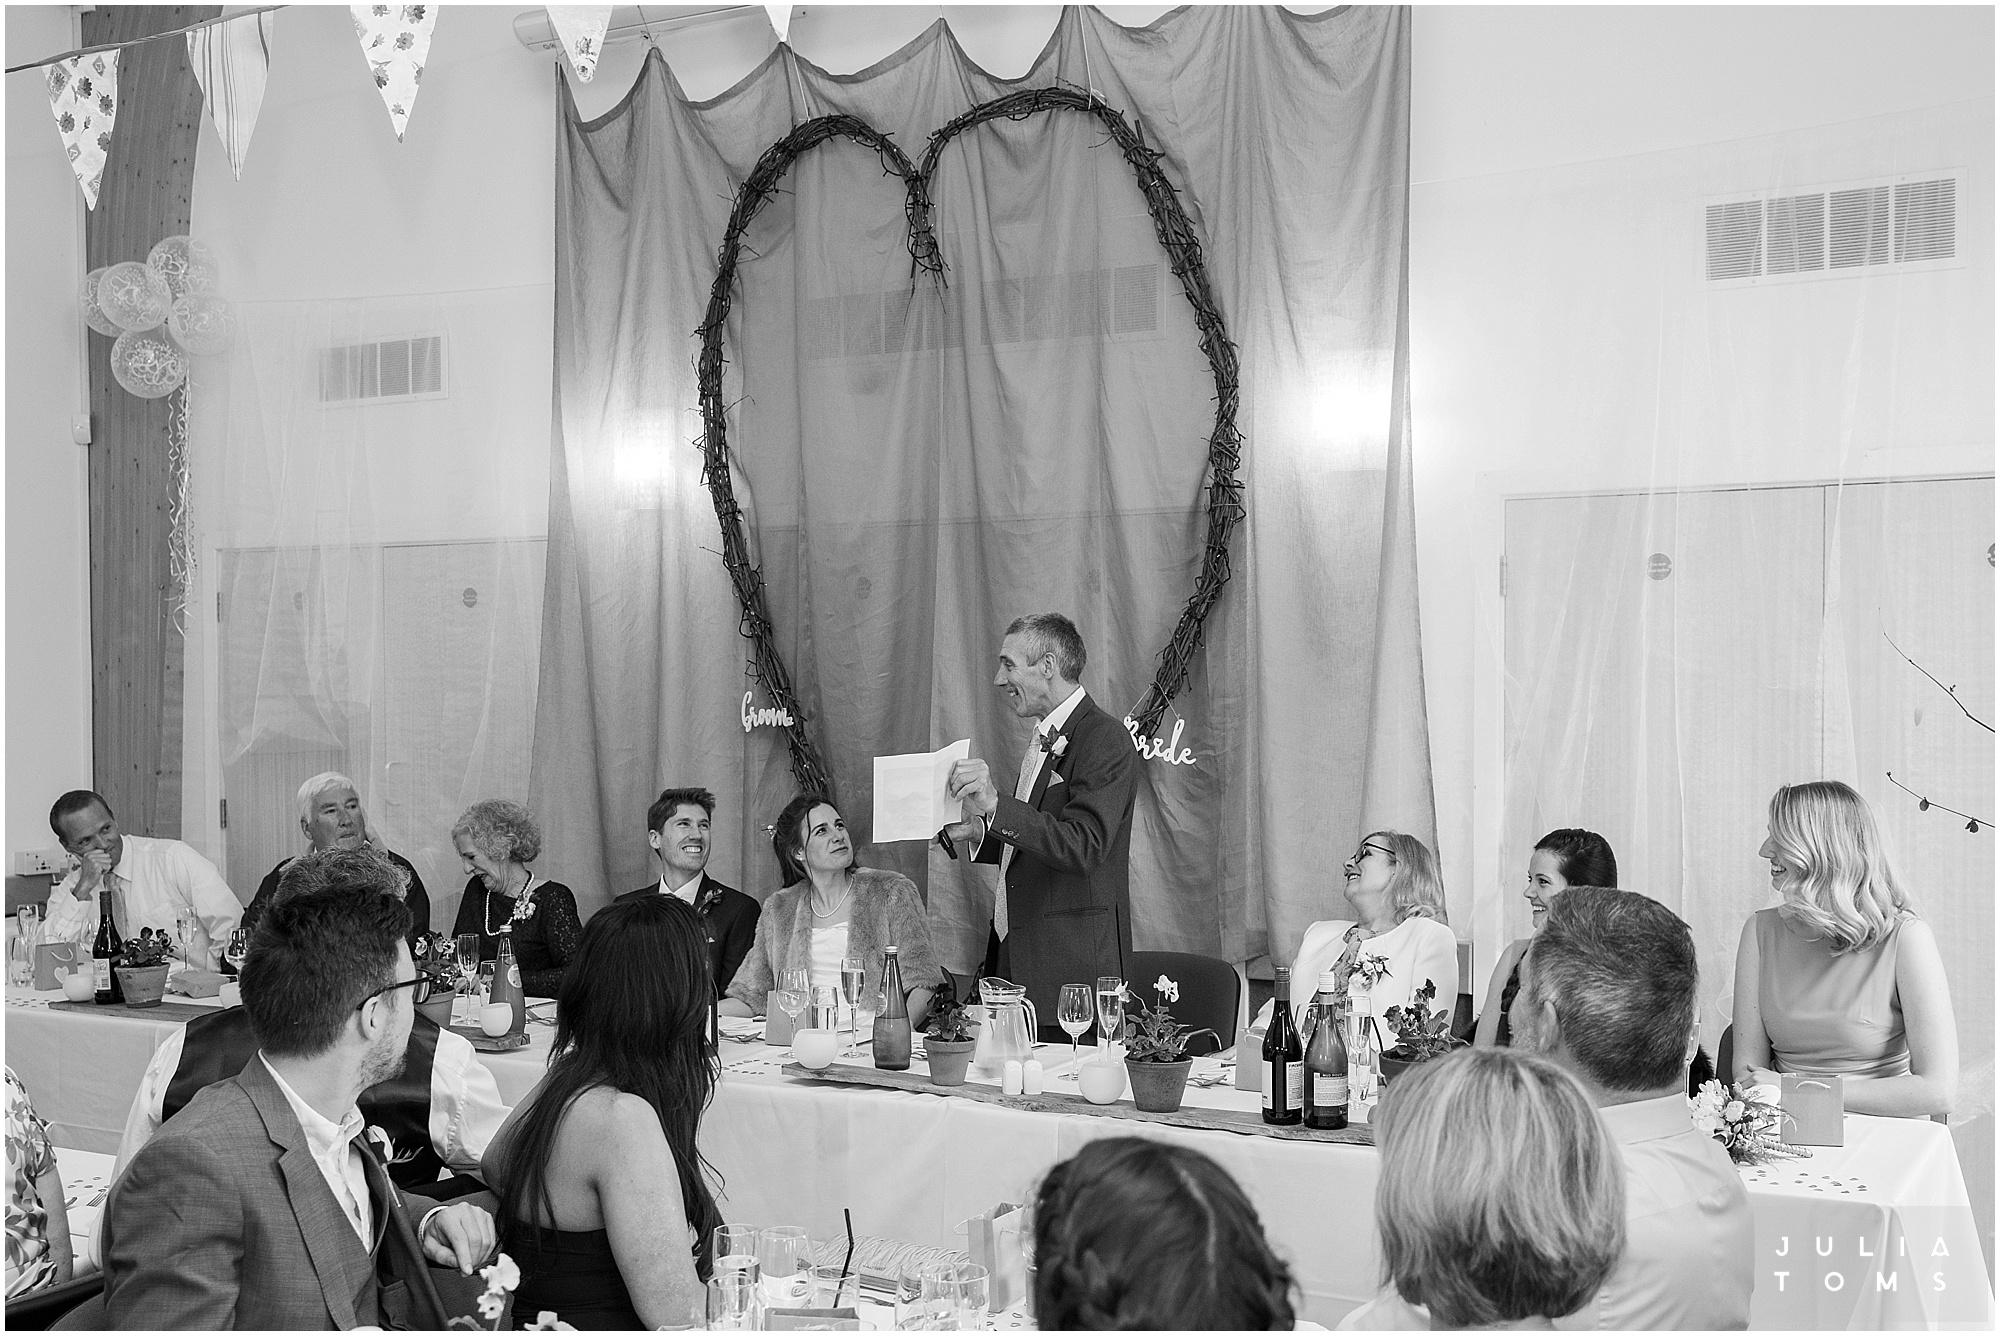 juliatoms_christian_wedding_photogtapher_midhurst_021.jpg